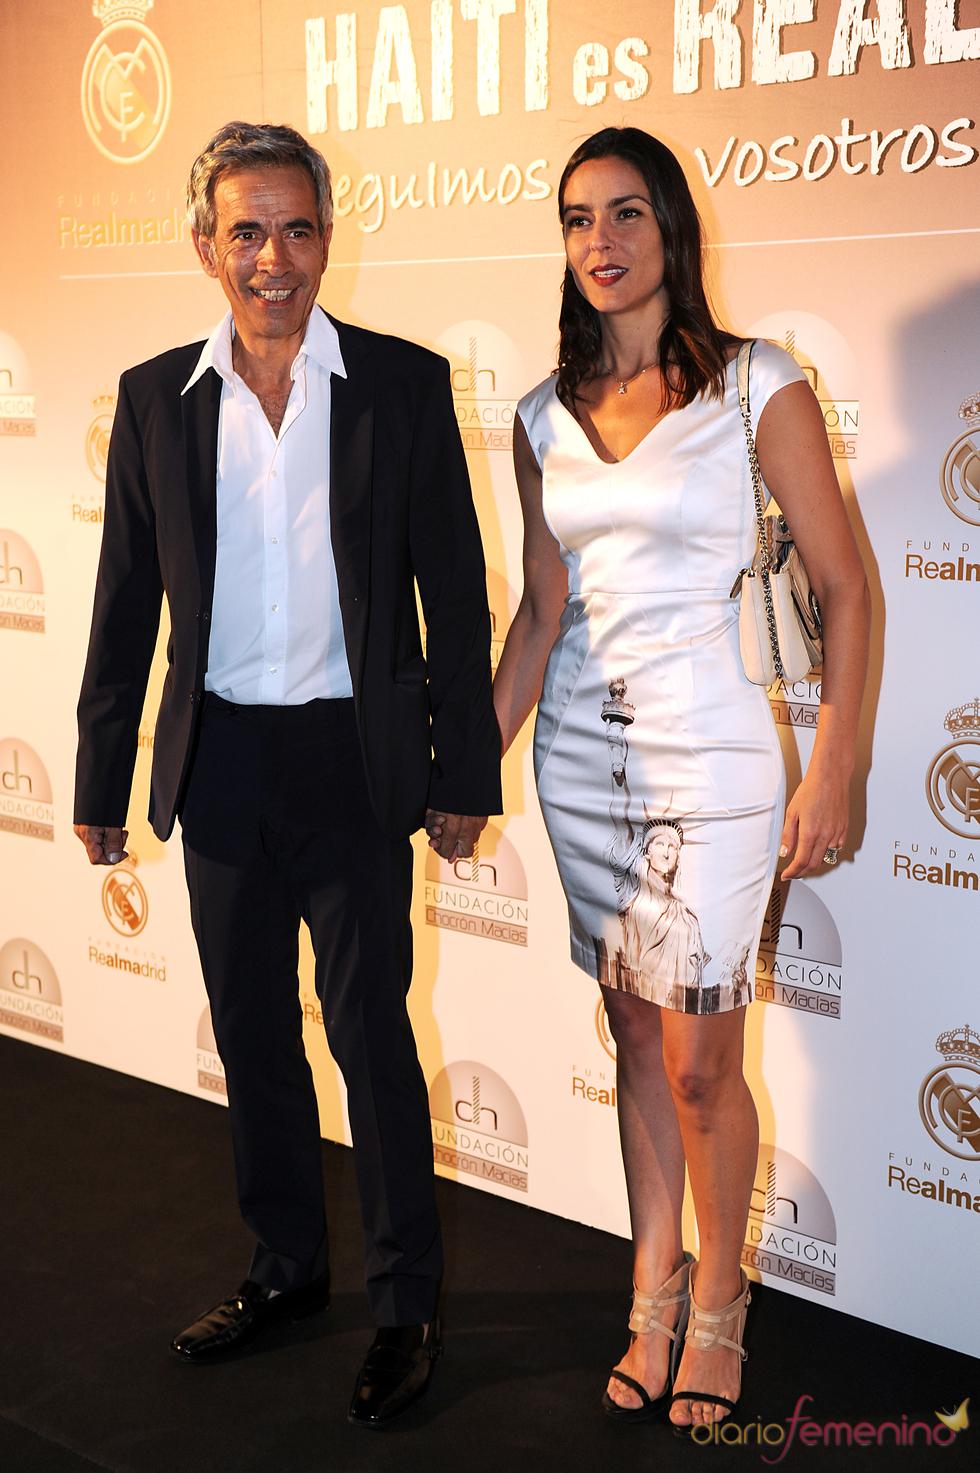 Imanol Arias y su novia Irene Meritxel en una cena benéfica en el Bernabeu